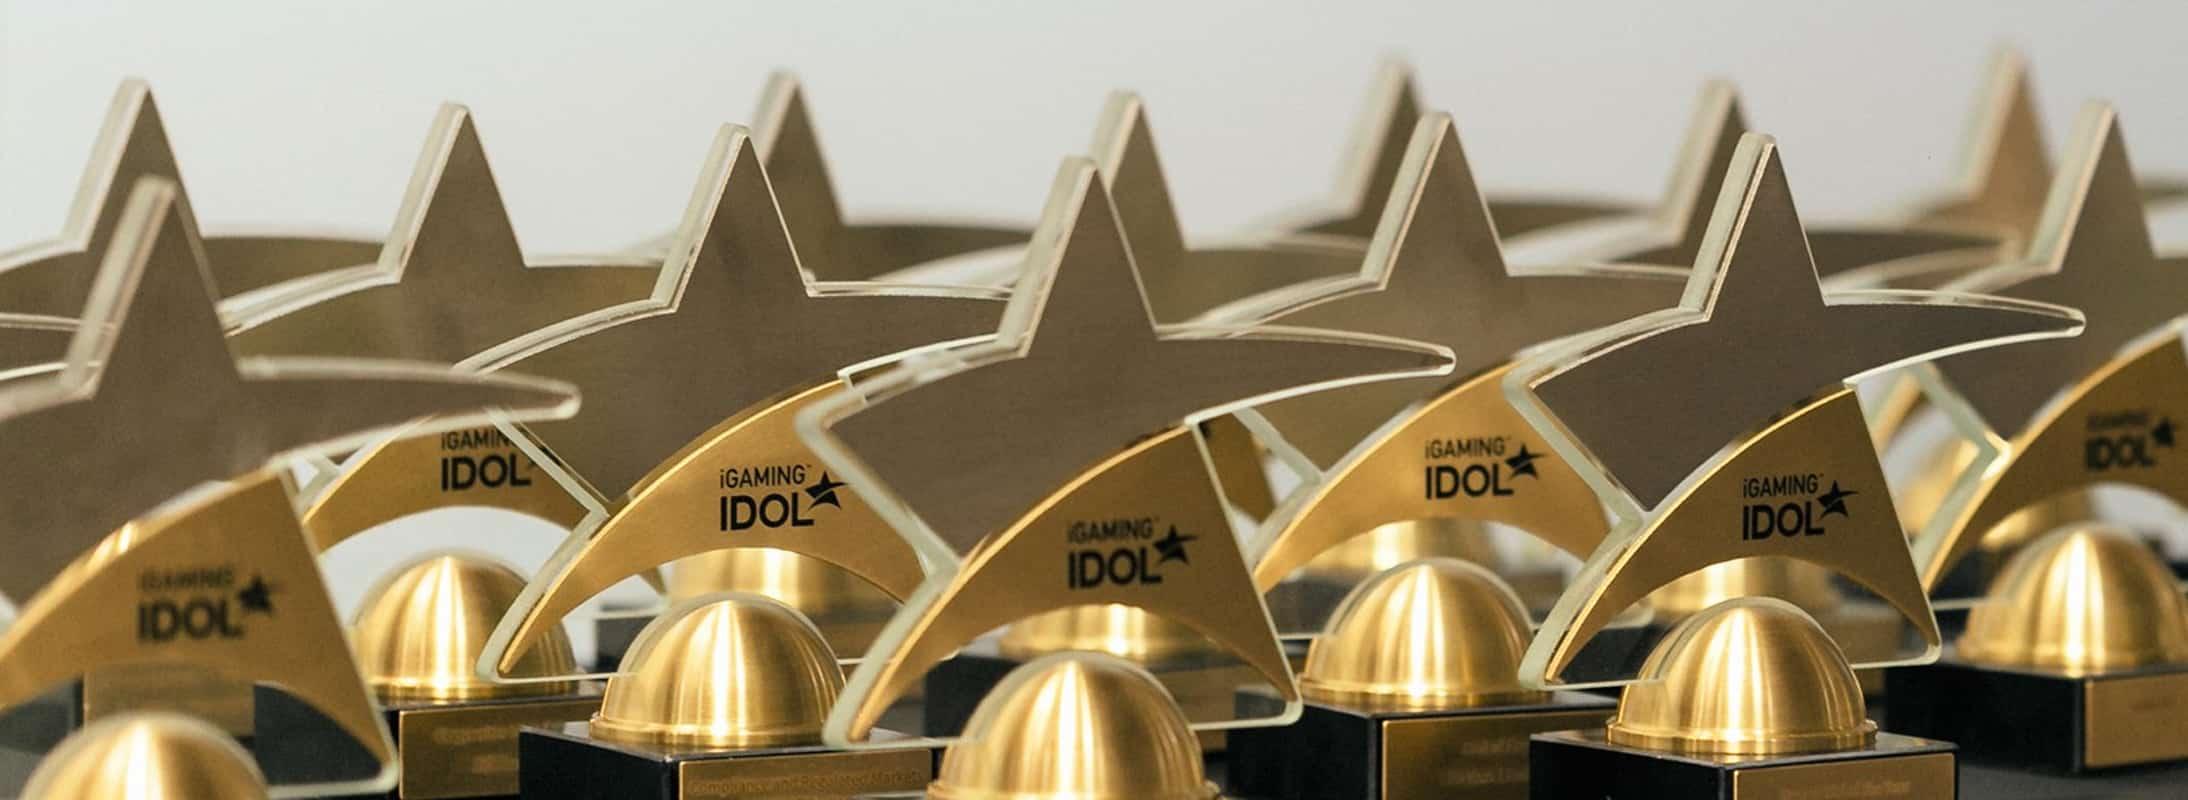 Vi har vinnerne fra de fjerde iGaming Idol Awards - Norway CasinoTop Banner 01